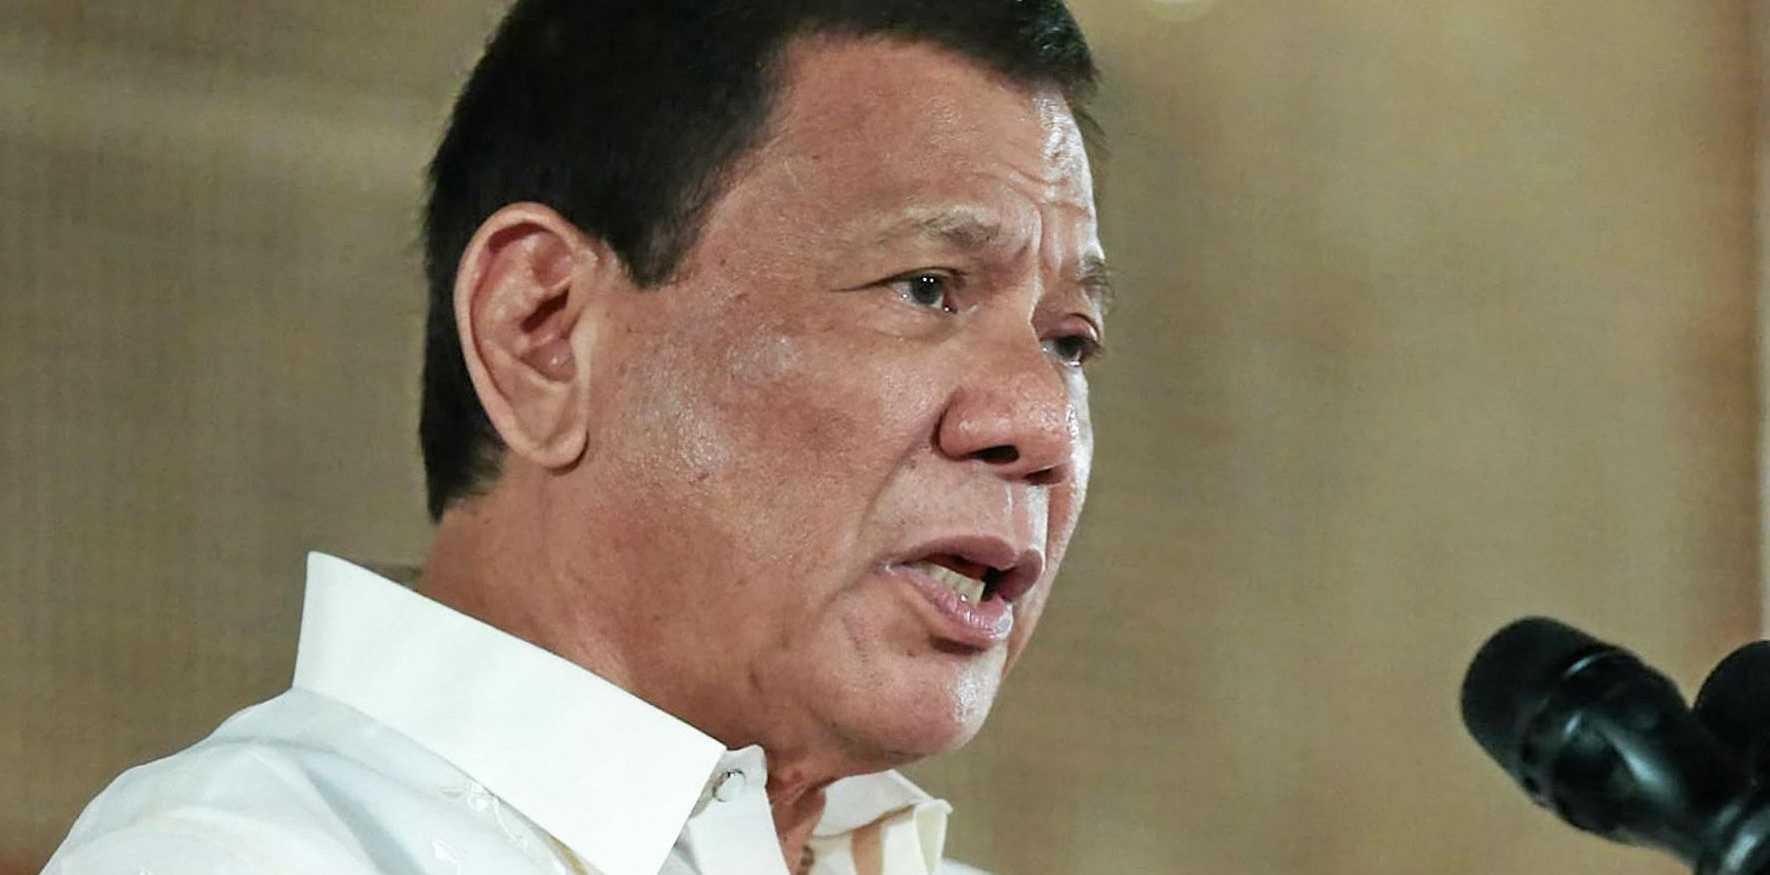 Filipino President Rodrigo Duterte.